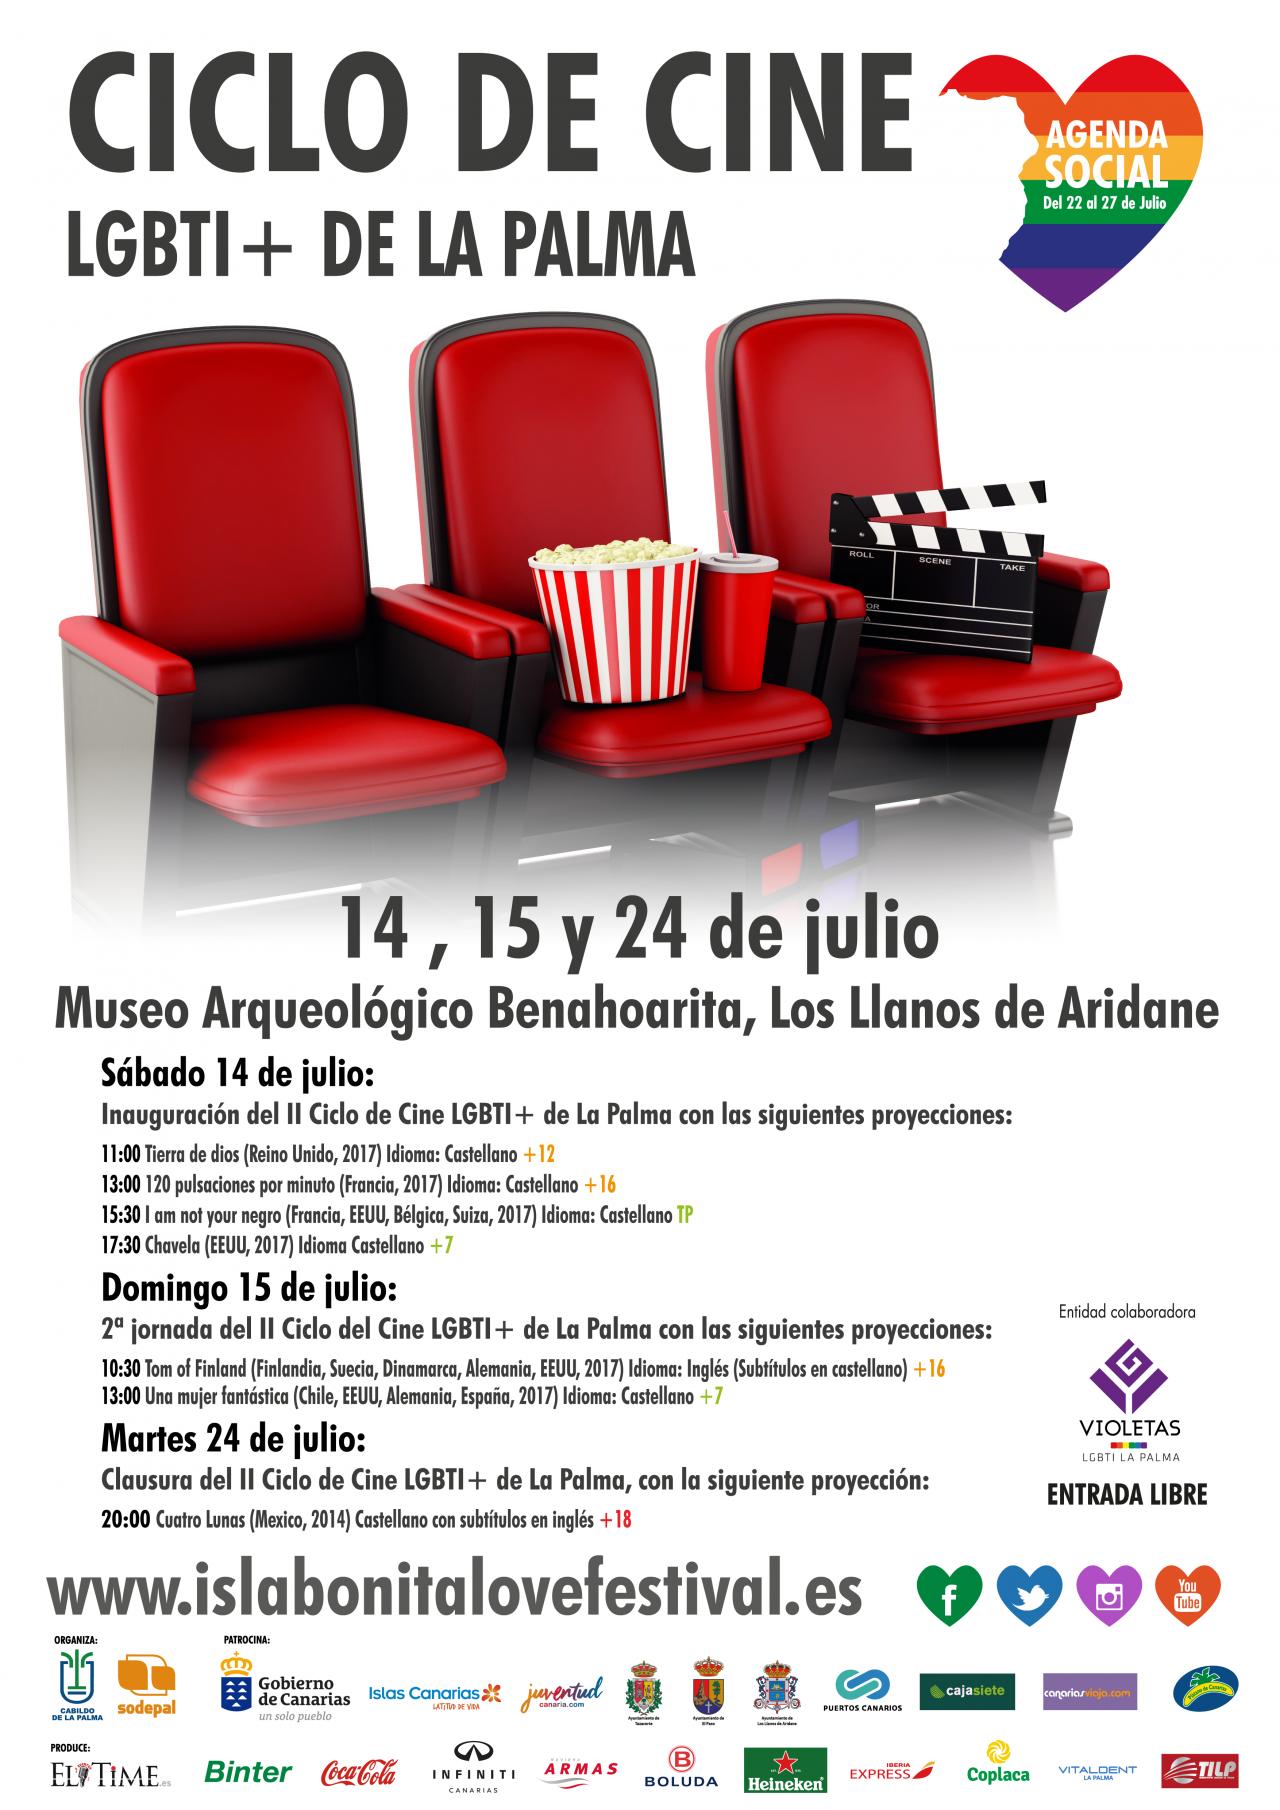 Imagen Cartel Ciclo de Cine LGBTI+